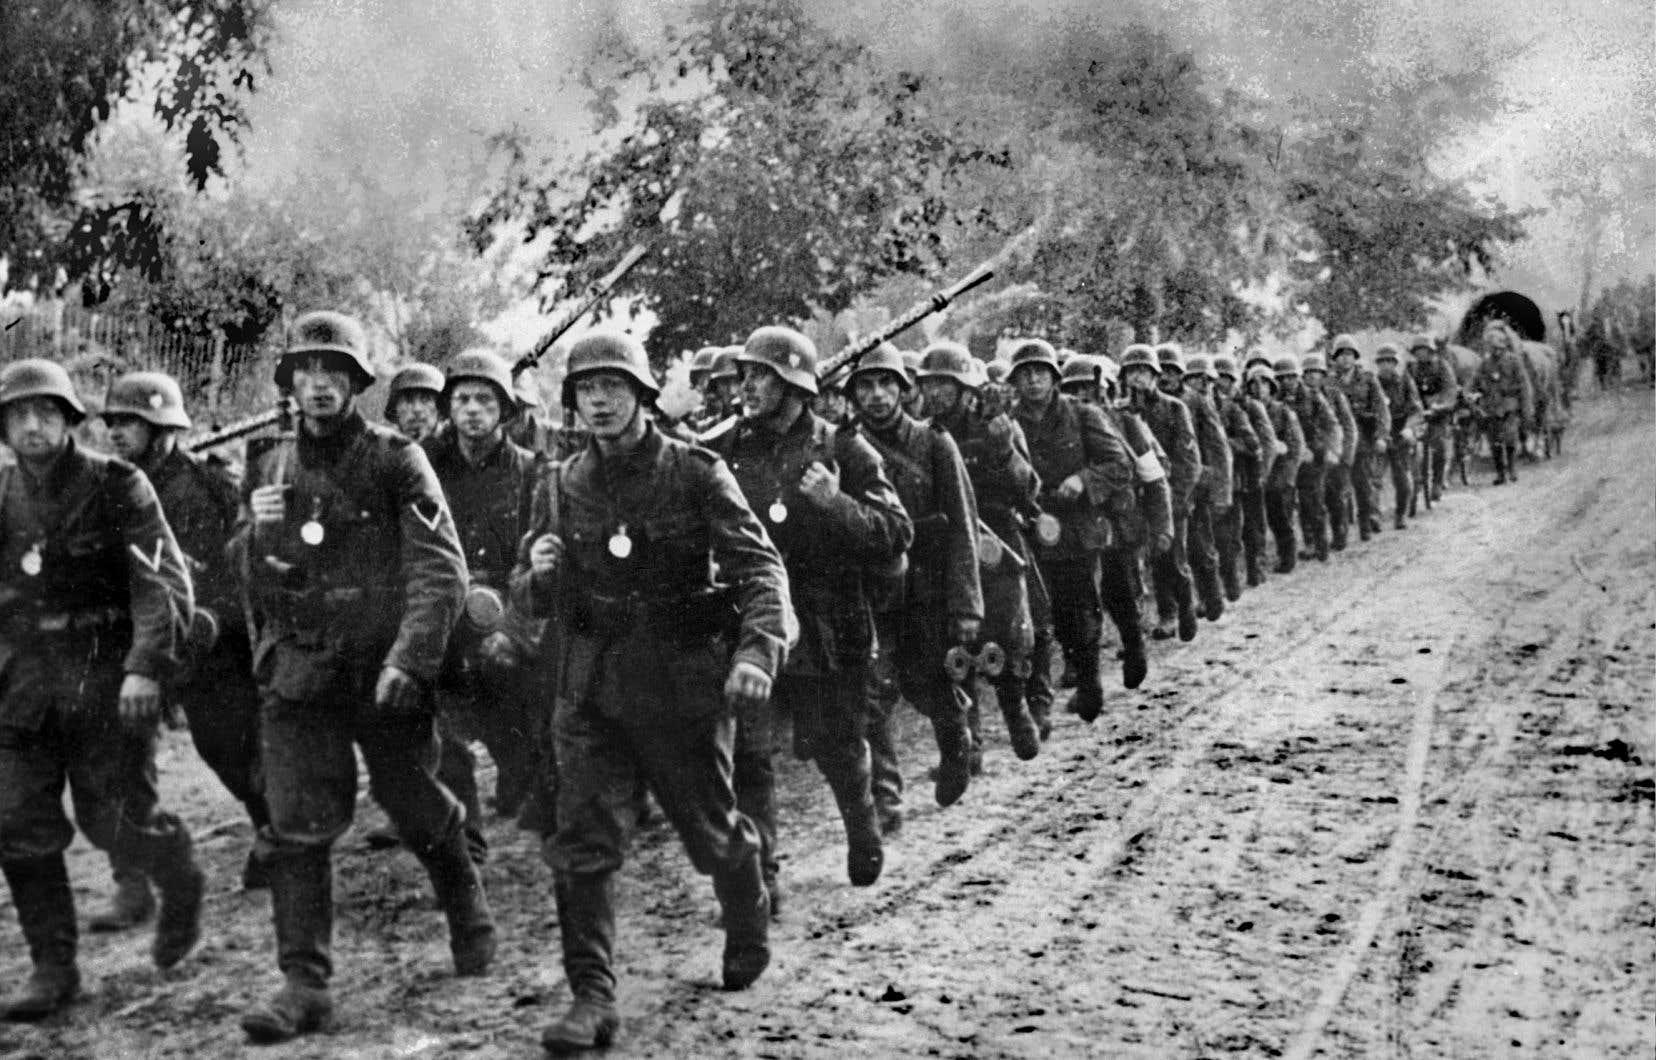 La Pologne a dû capituler au bout d'à peine cinq semaines de combats après l'invasion des nazis le 1erseptembre 1939. Sur la photo, des soldats allemands entrent sur le territoire polonais.